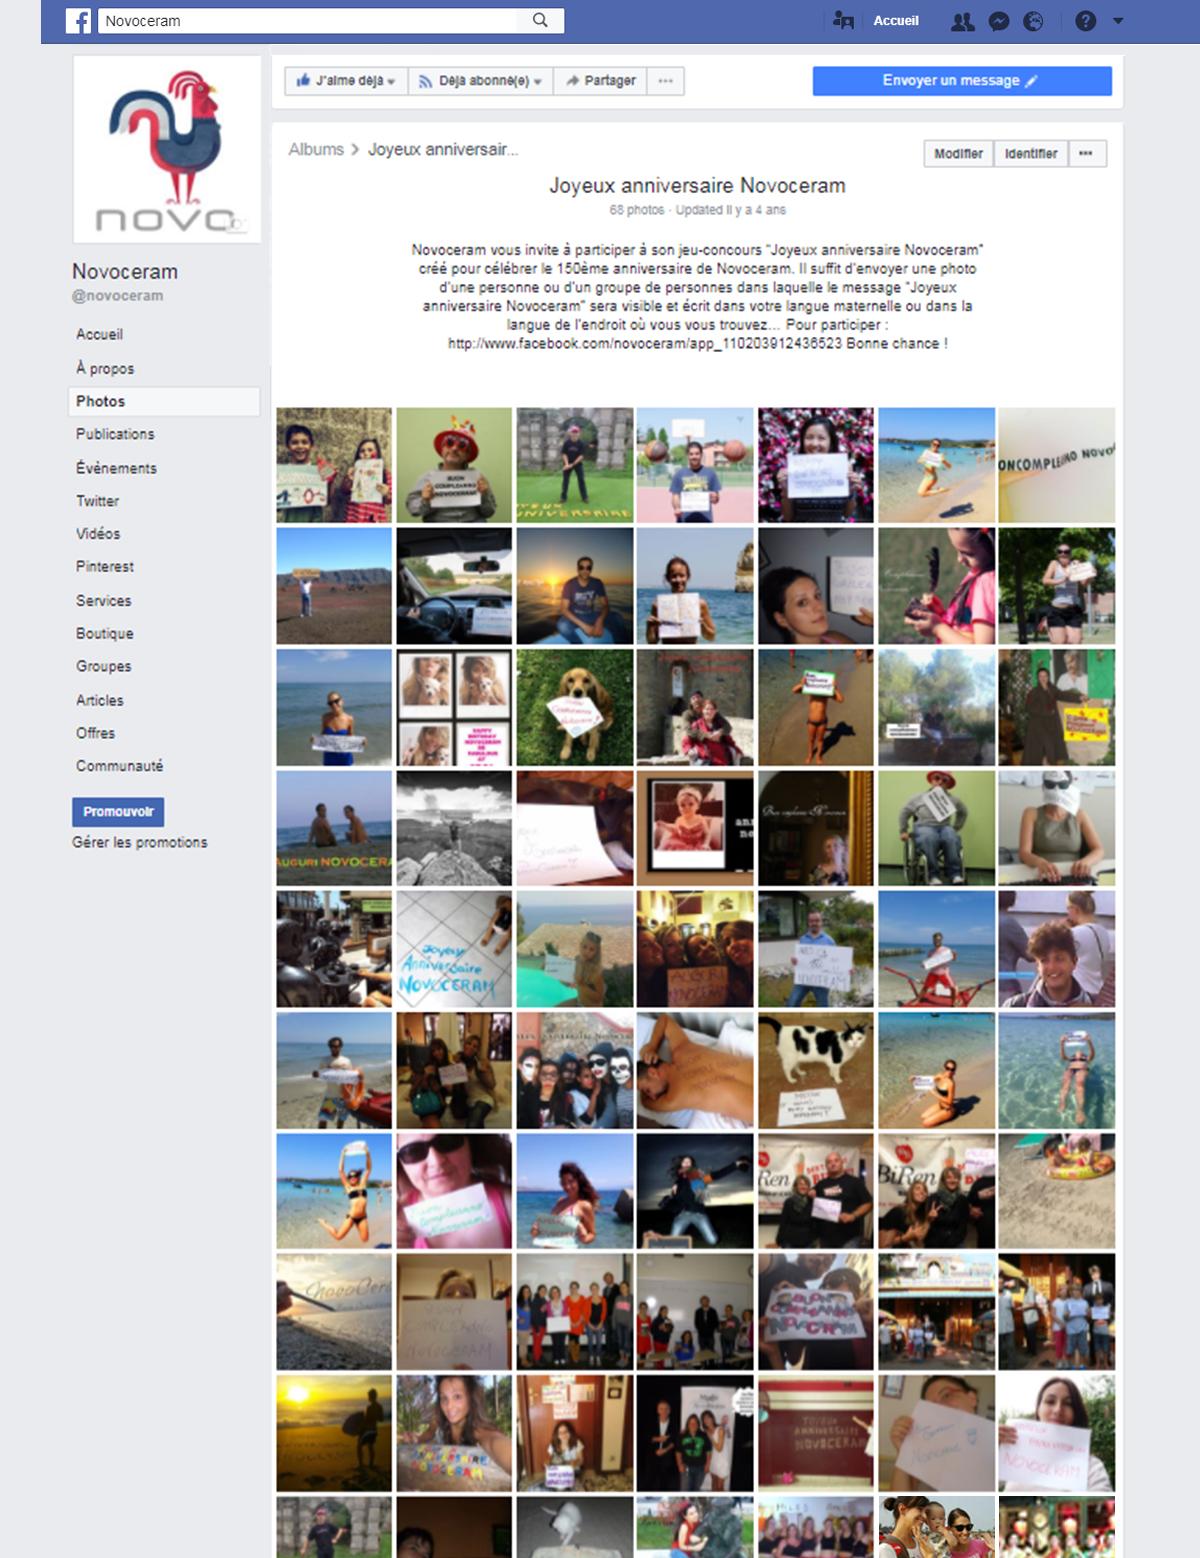 Album Facebook Joyeux anniversaire Novoceram